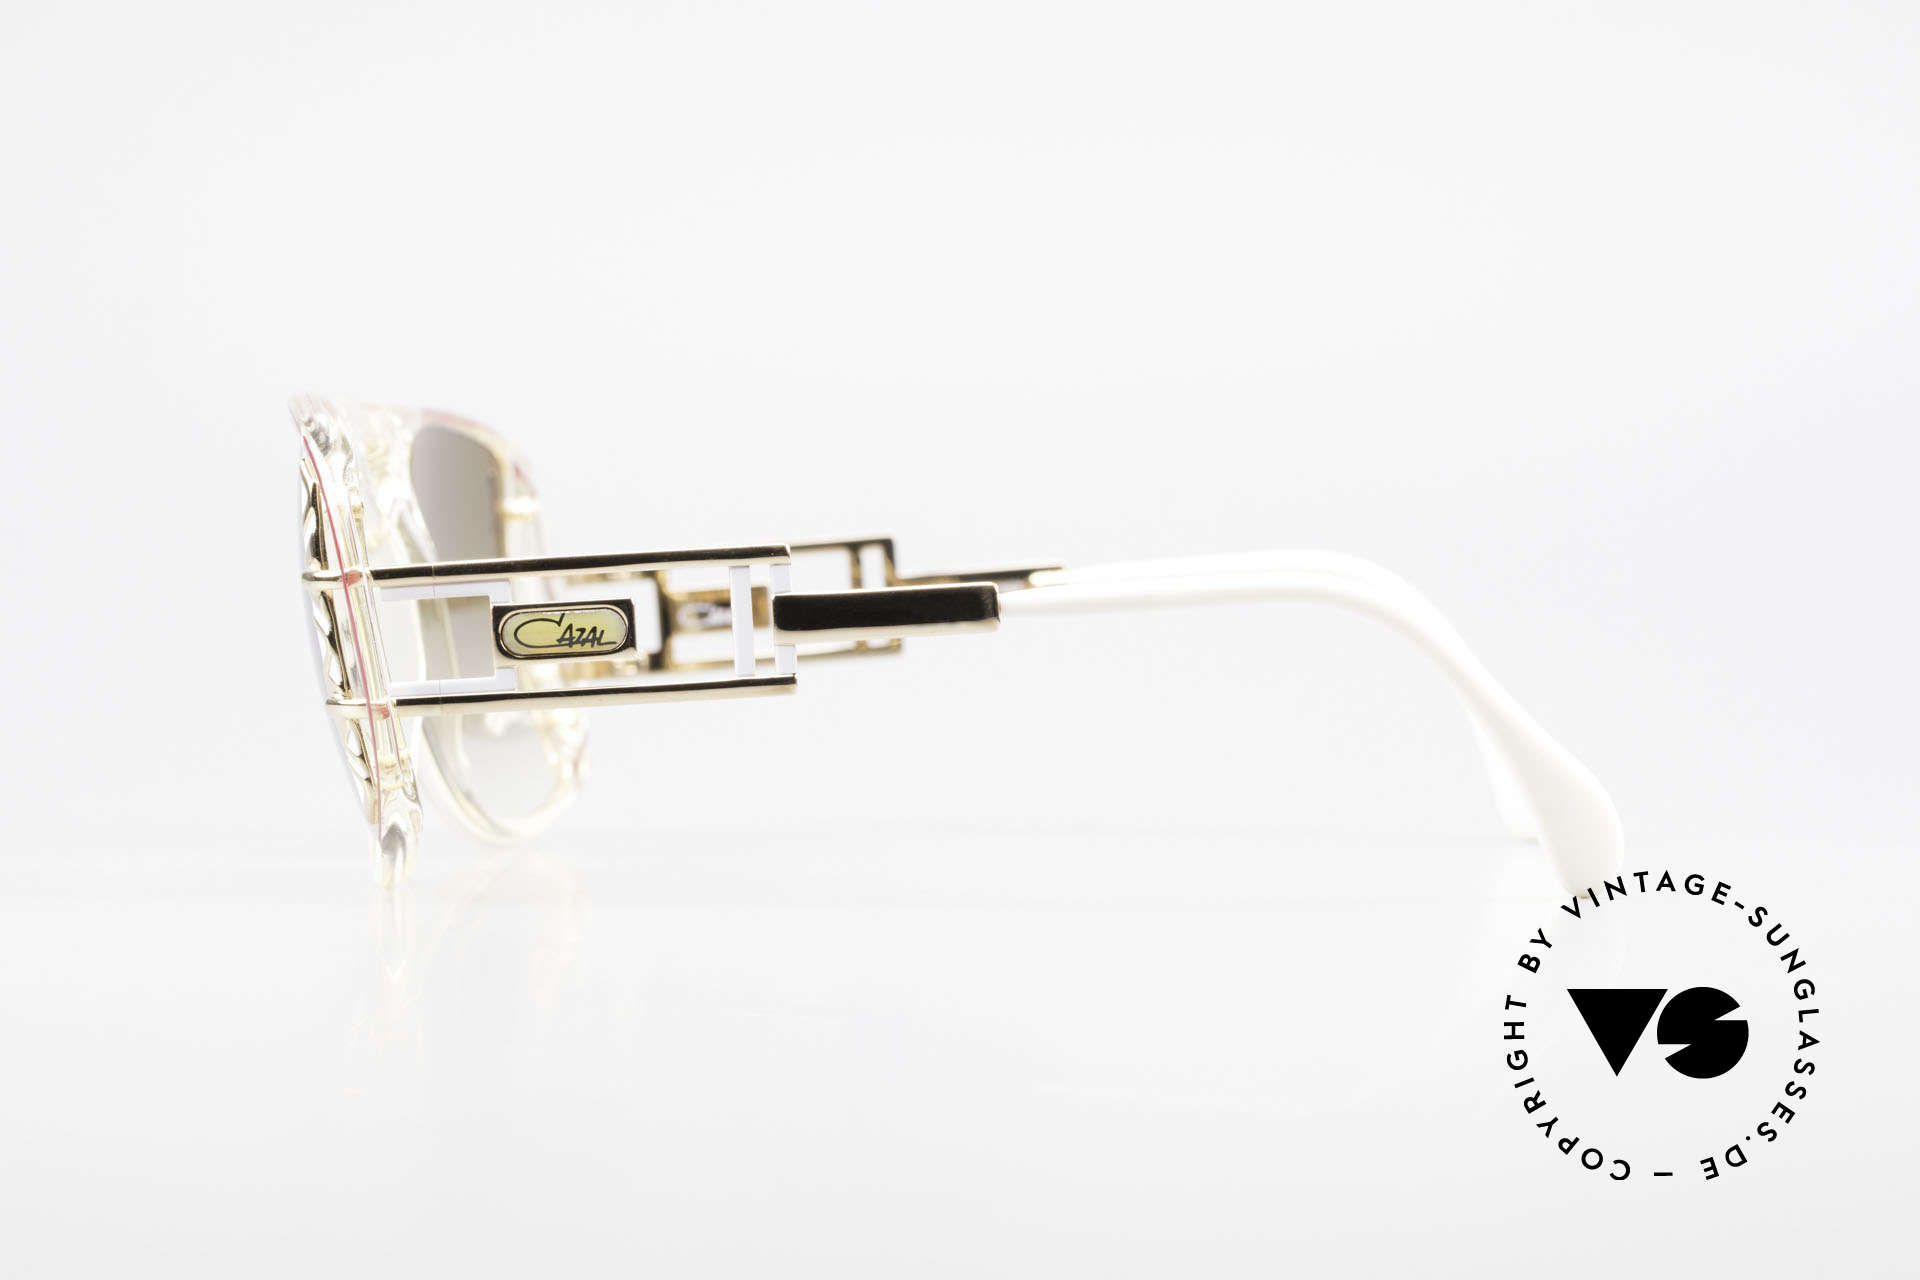 Cazal 875 Hip Hop Unisex Sonnenbrille, KEINE RETROmode; ein circa 25 Jahre altes UNIKAT!, Passend für Herren und Damen